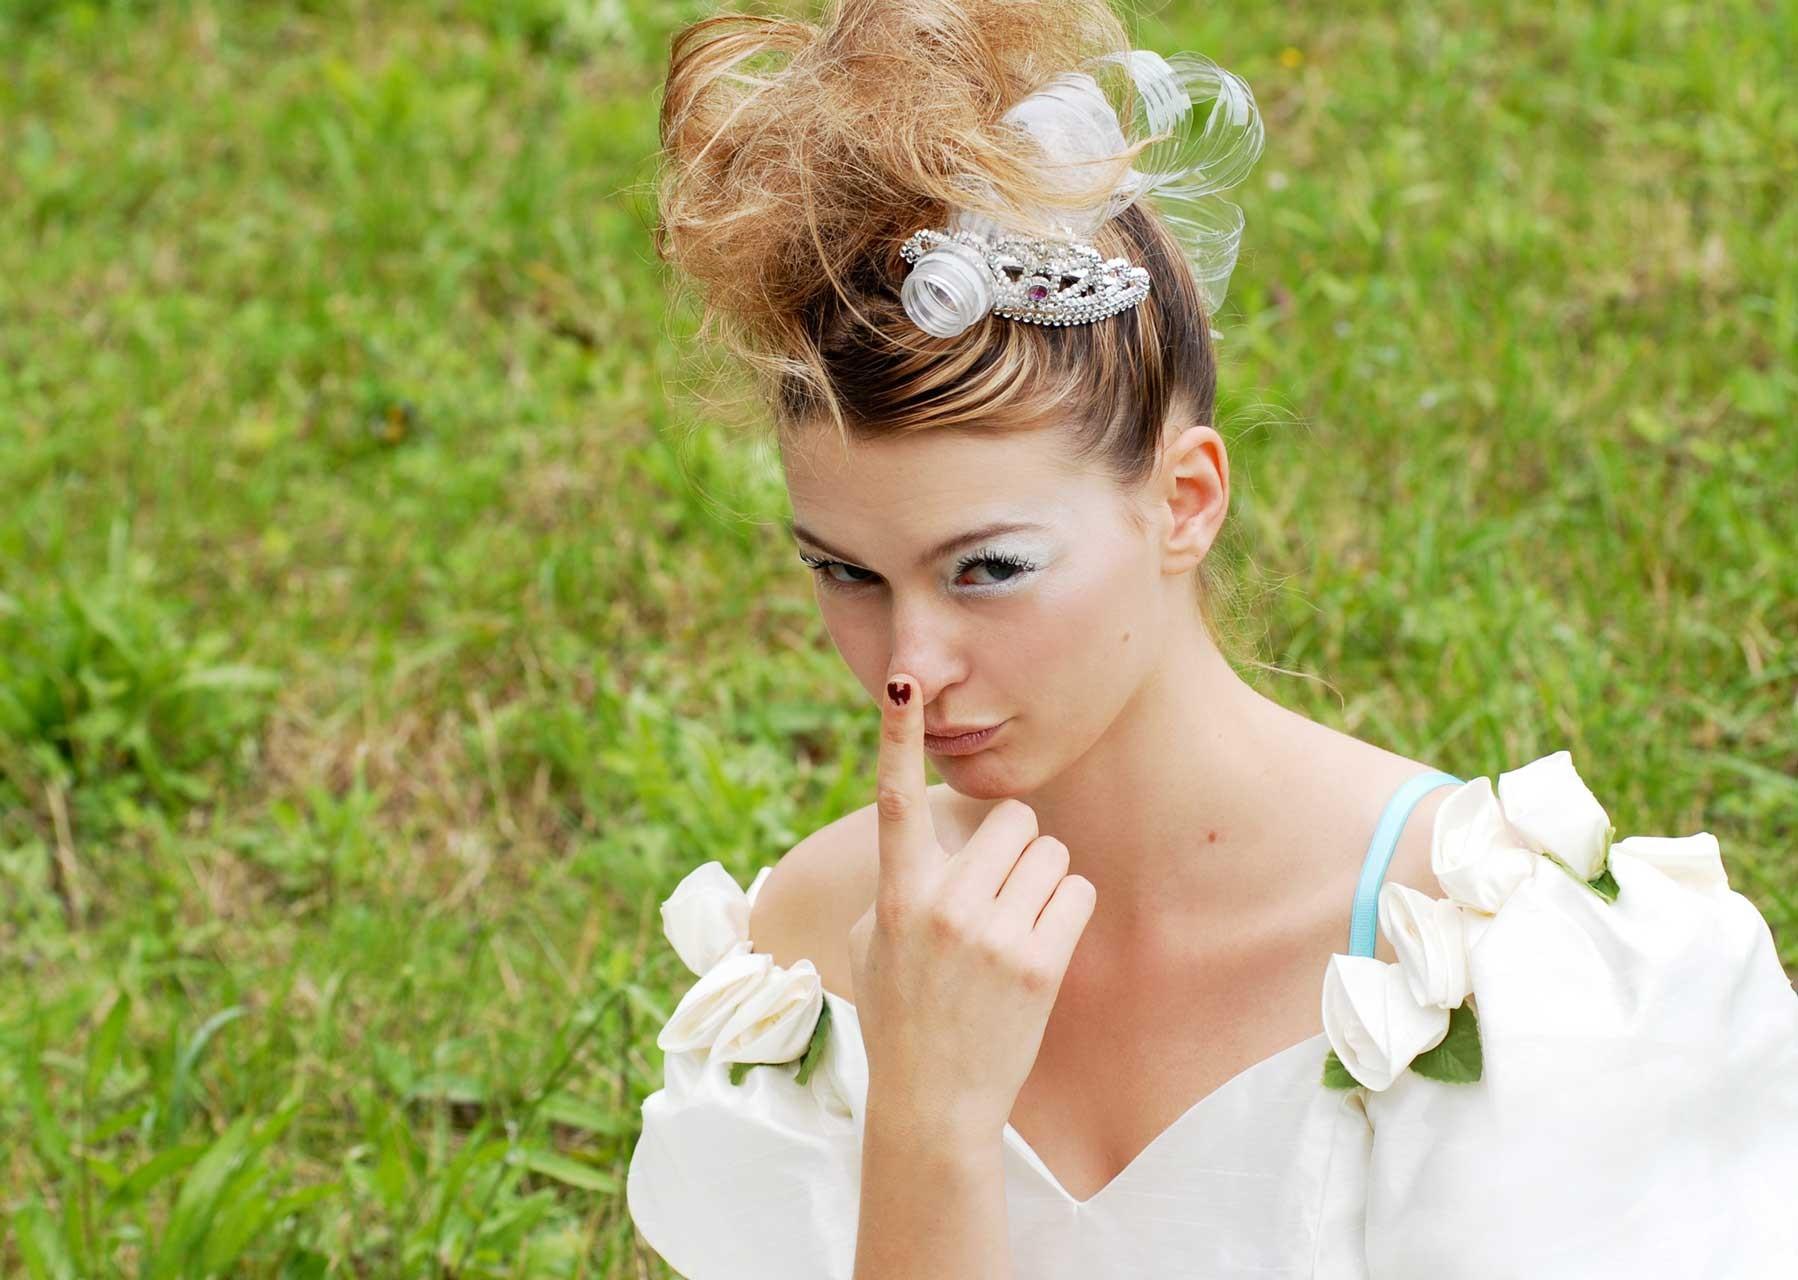 Laure-Maud_13_photographe_mode-ethique-fashion-DIY_100-pour-100-recyle